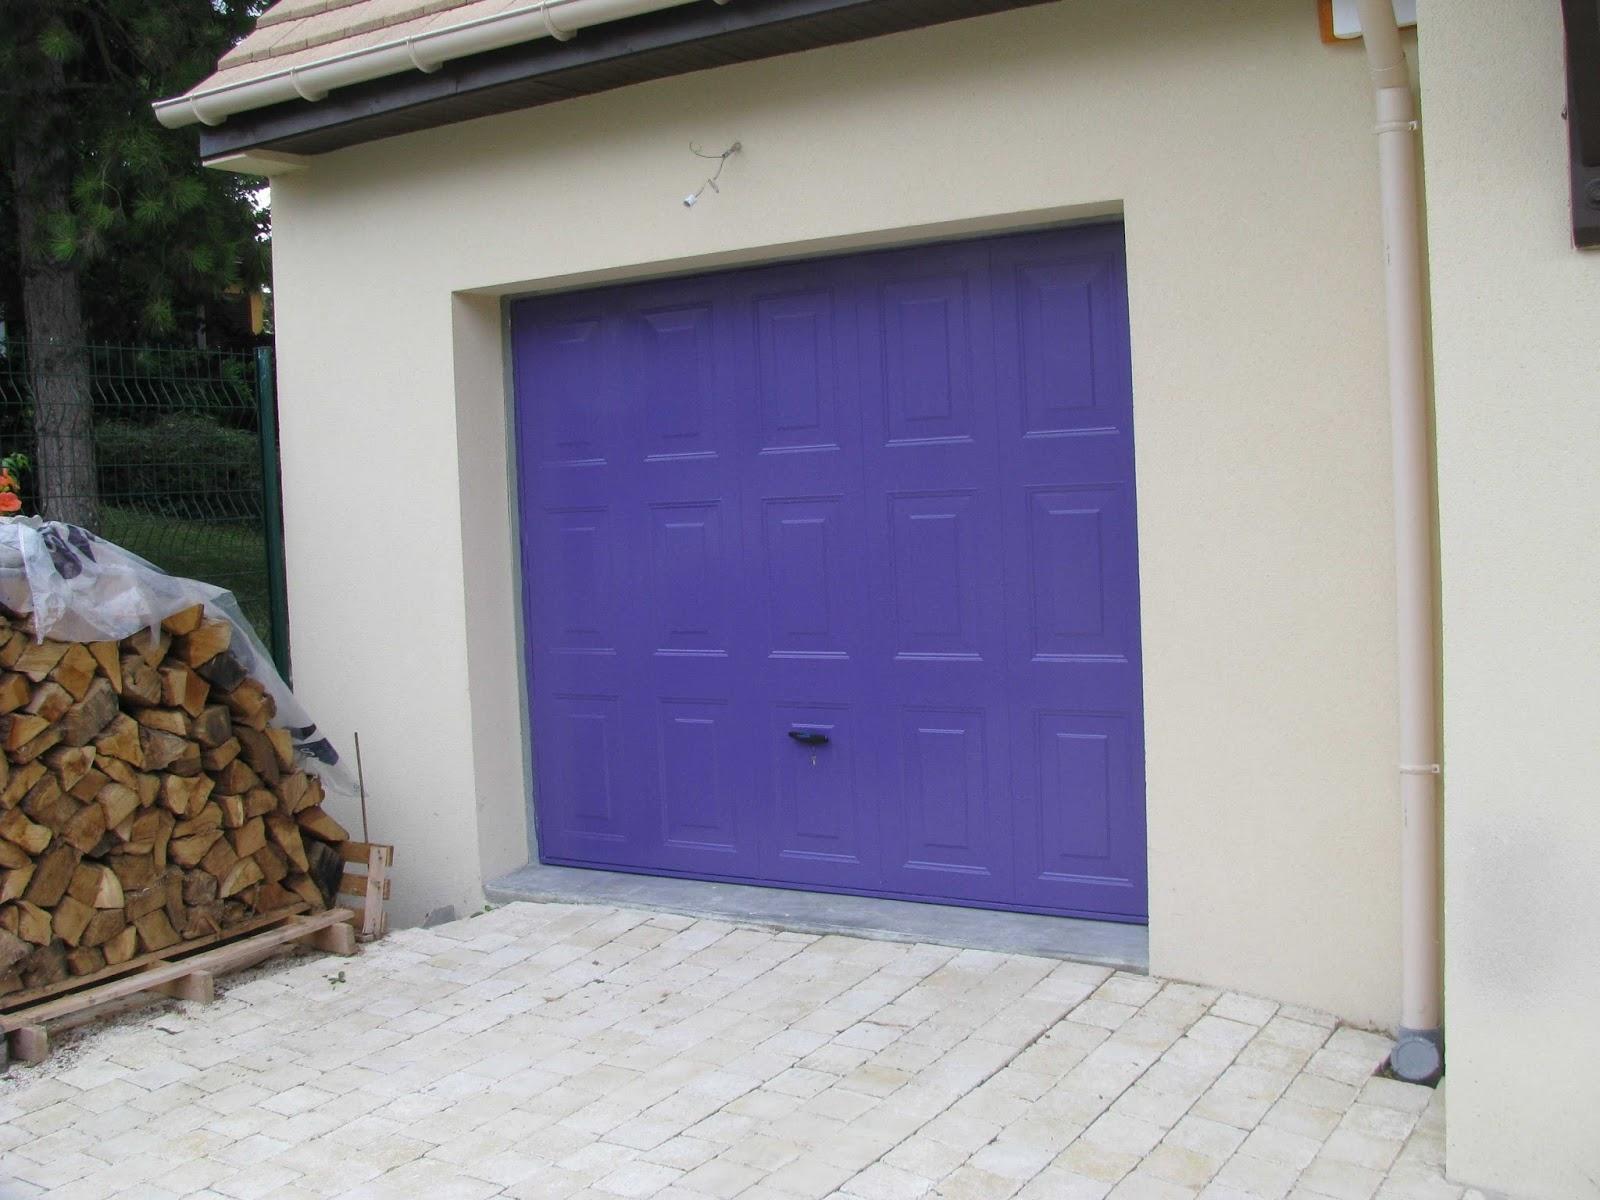 Je fais construire ma maison donner des couleurs 1 2 for Construire ma maison